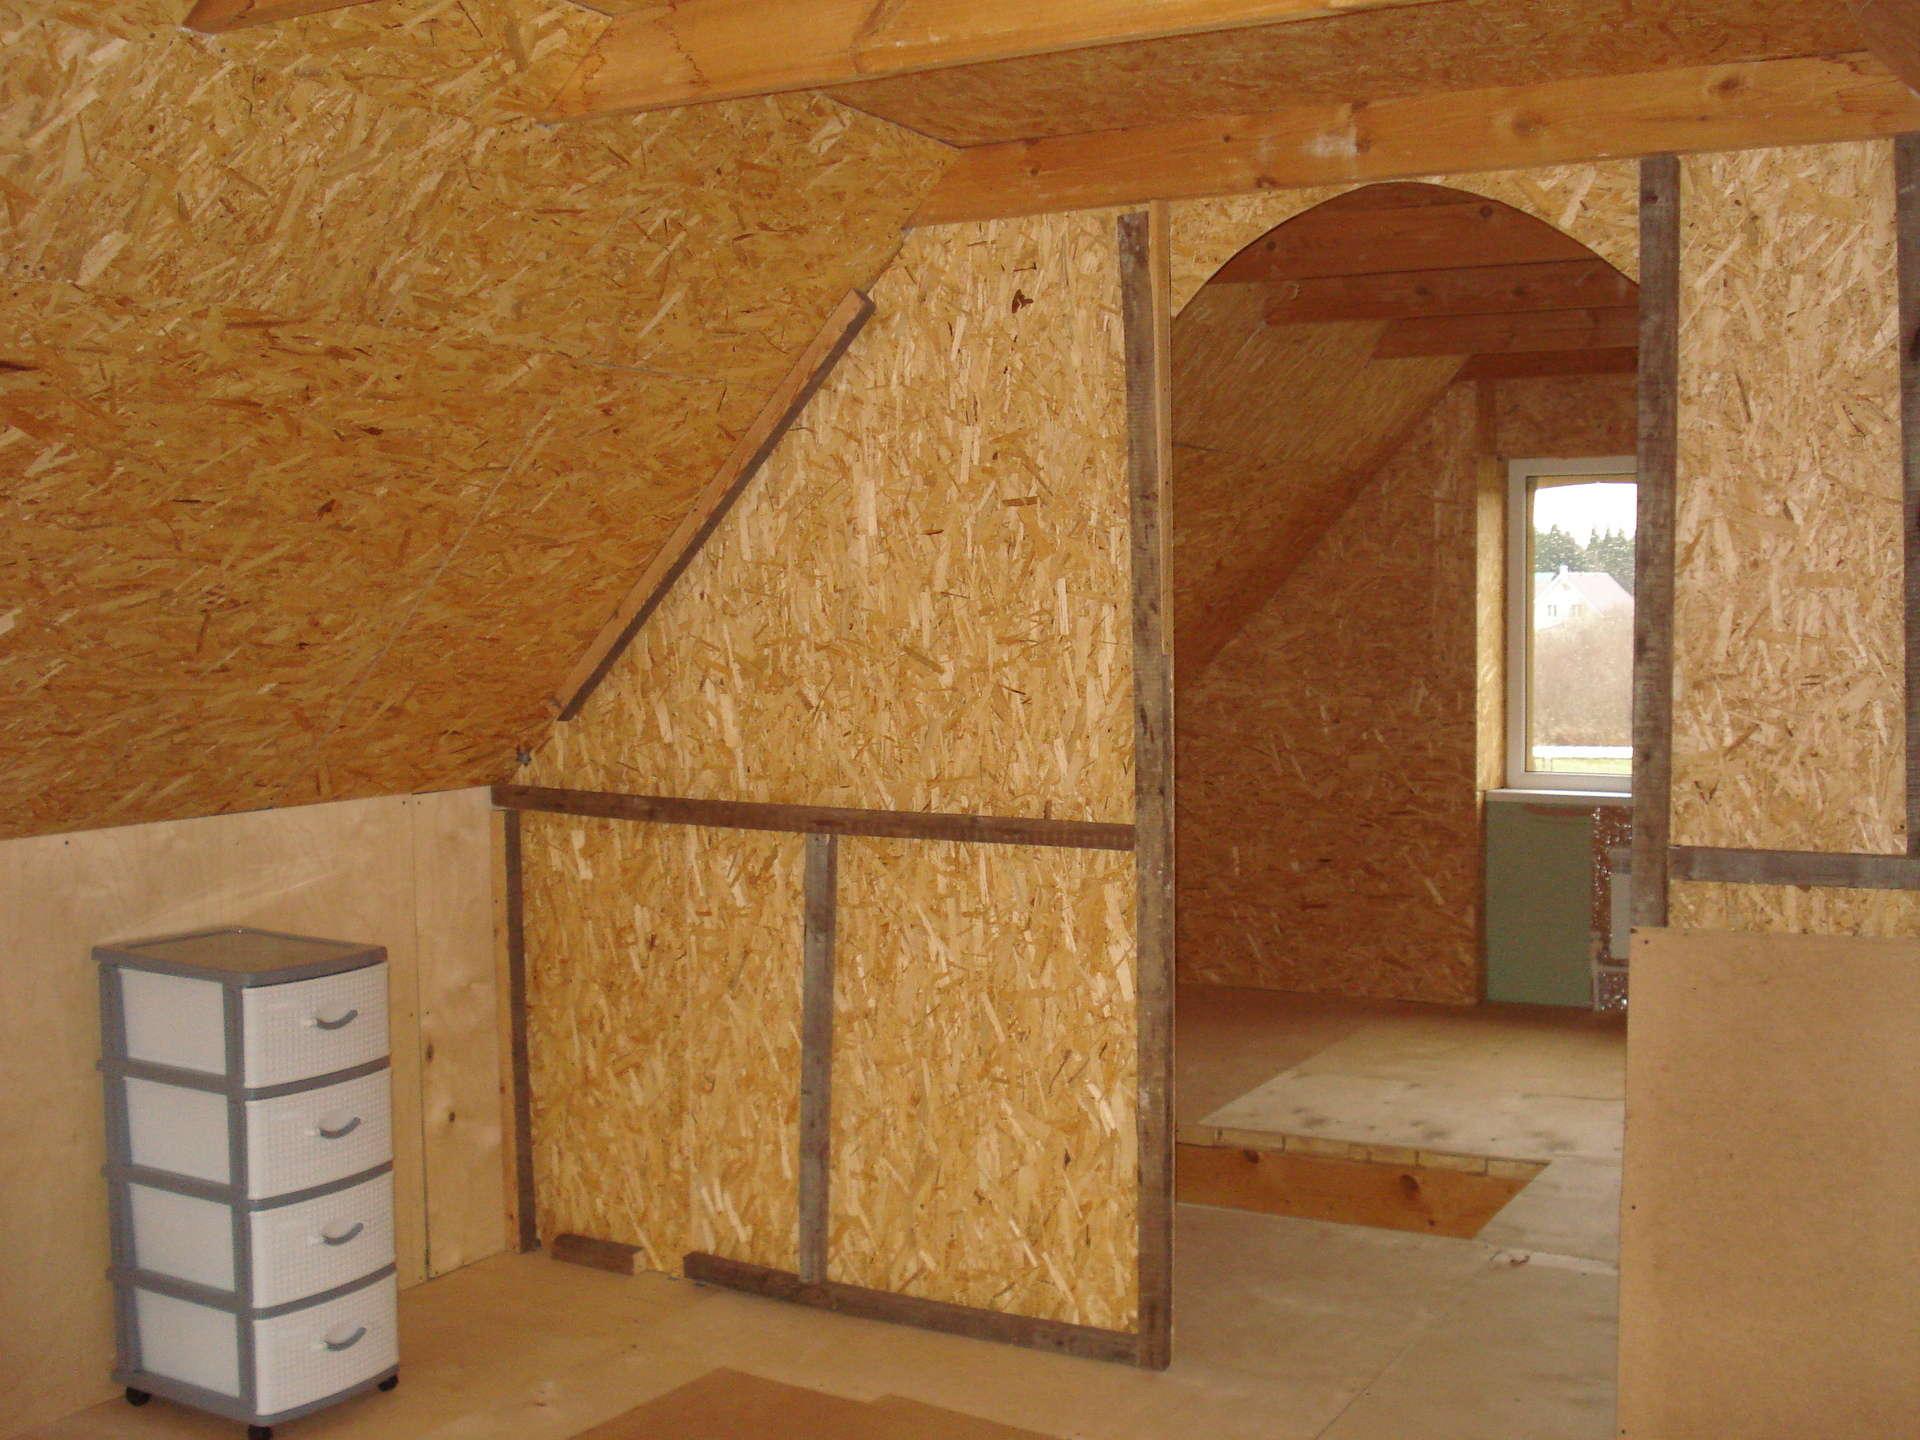 Как утеплить крышу бани своими руками: чем отделать потолок, инструкция по монтажу, видео и фото